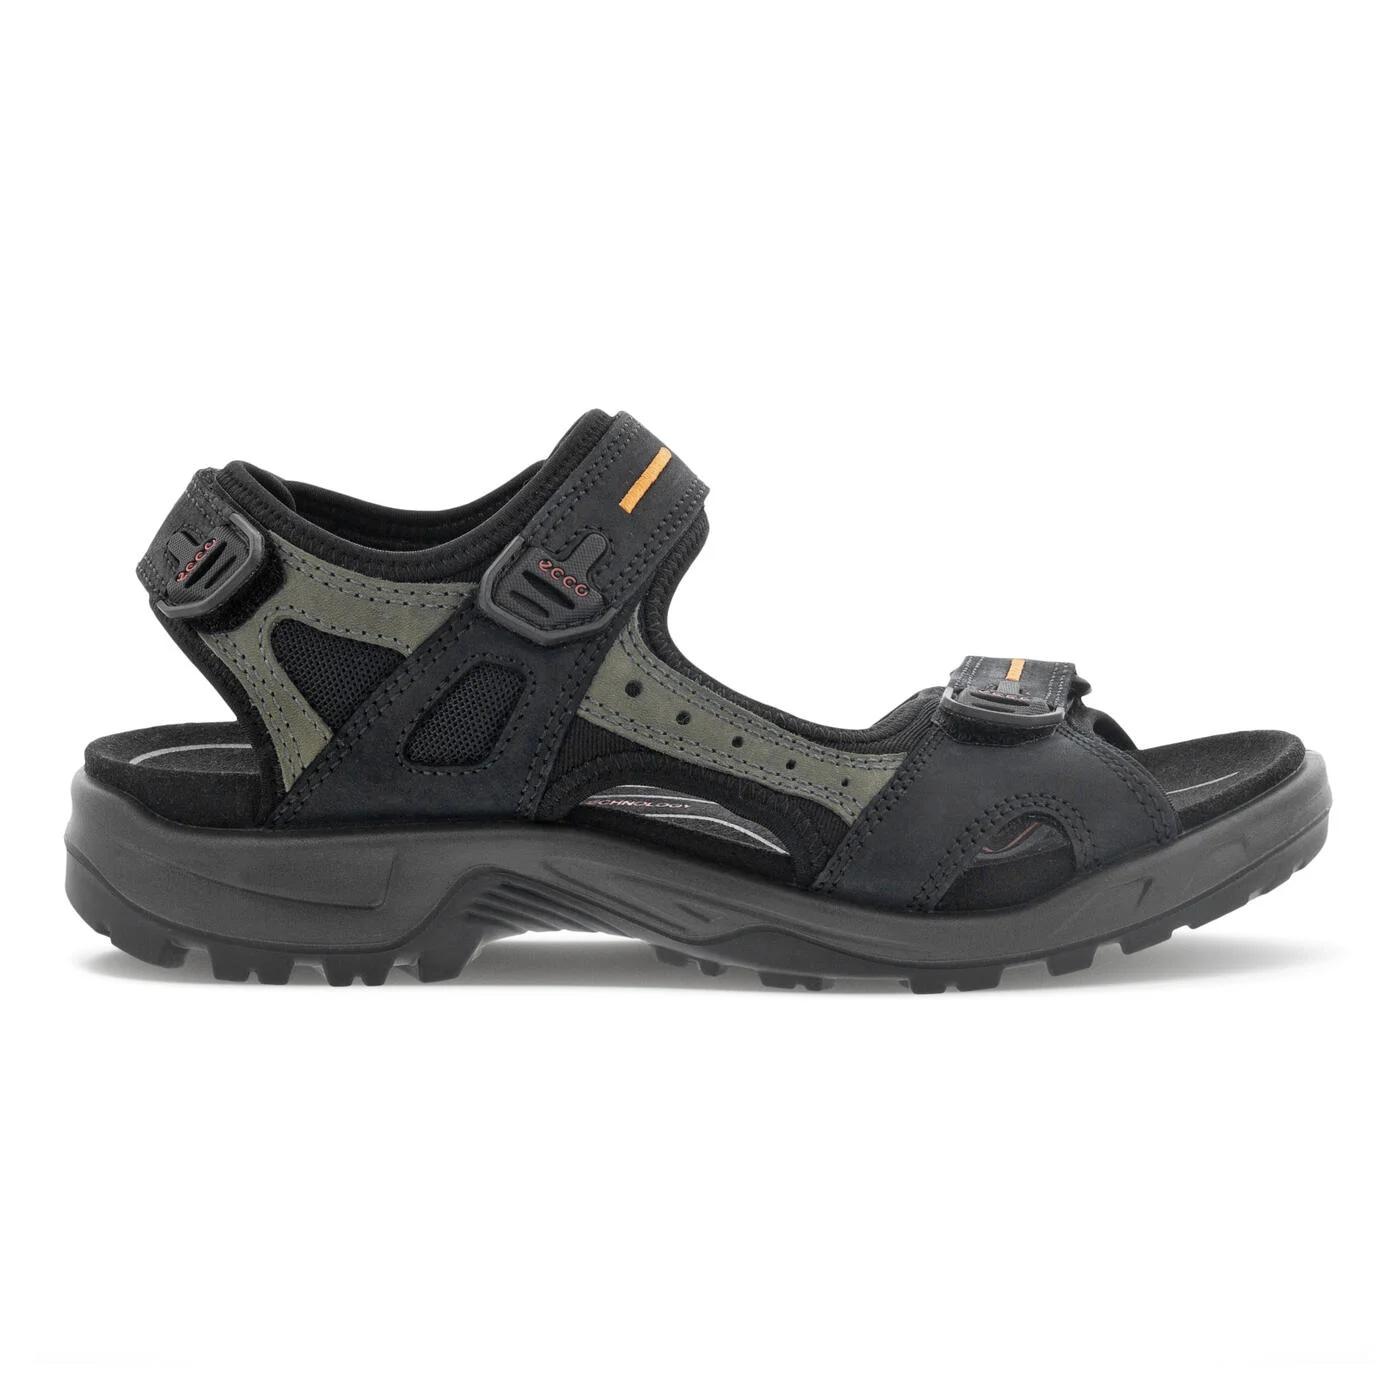 Yucatan Offroad Sandal - Men's